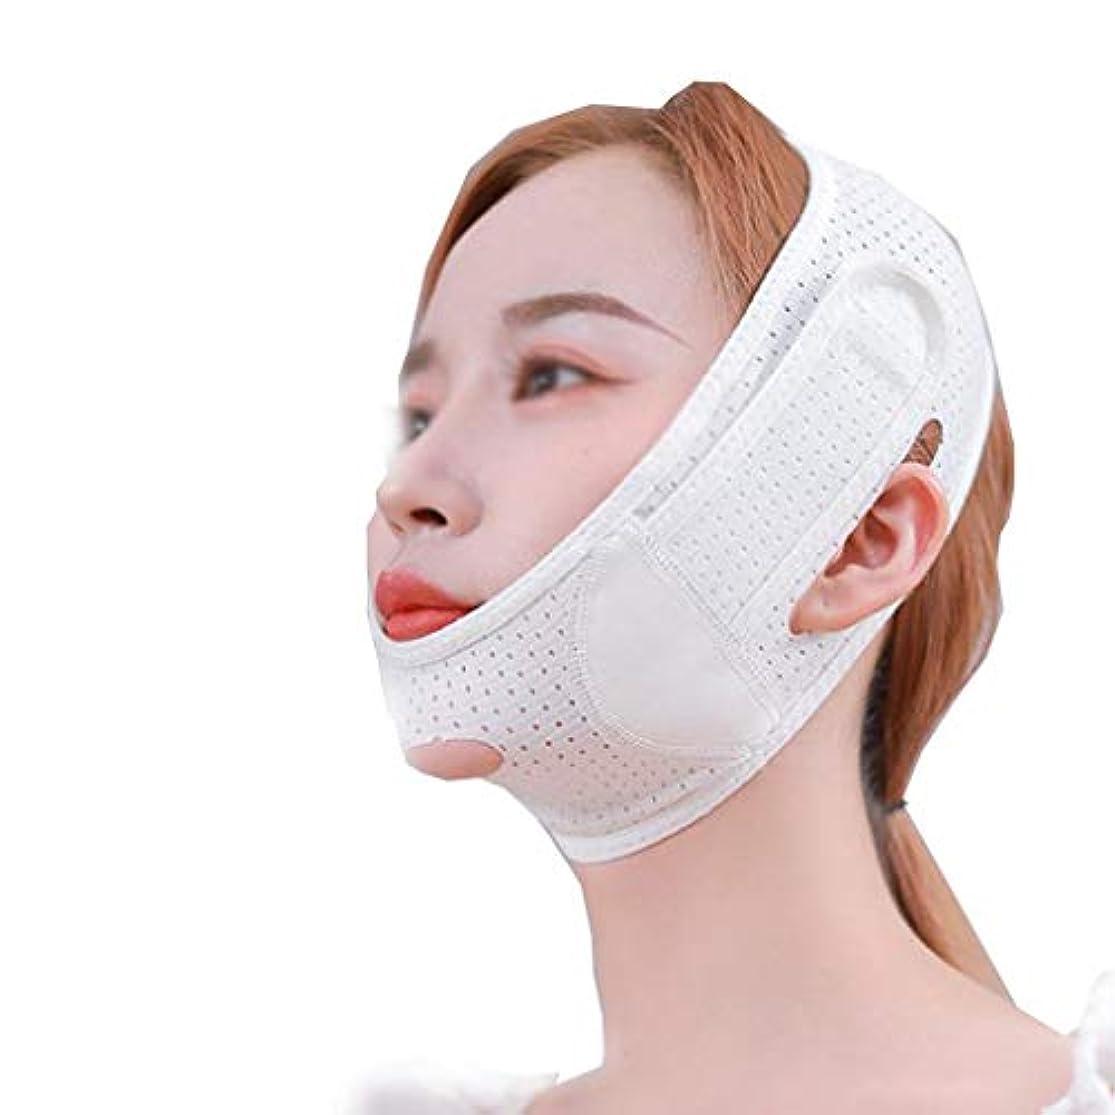 神アカデミック処分したZWBD フェイスマスク, 薄い顔のステッカーアーティファクトの包帯は小さい二重顎の法令のマスクを固める小さいVの表面を引っ張ります